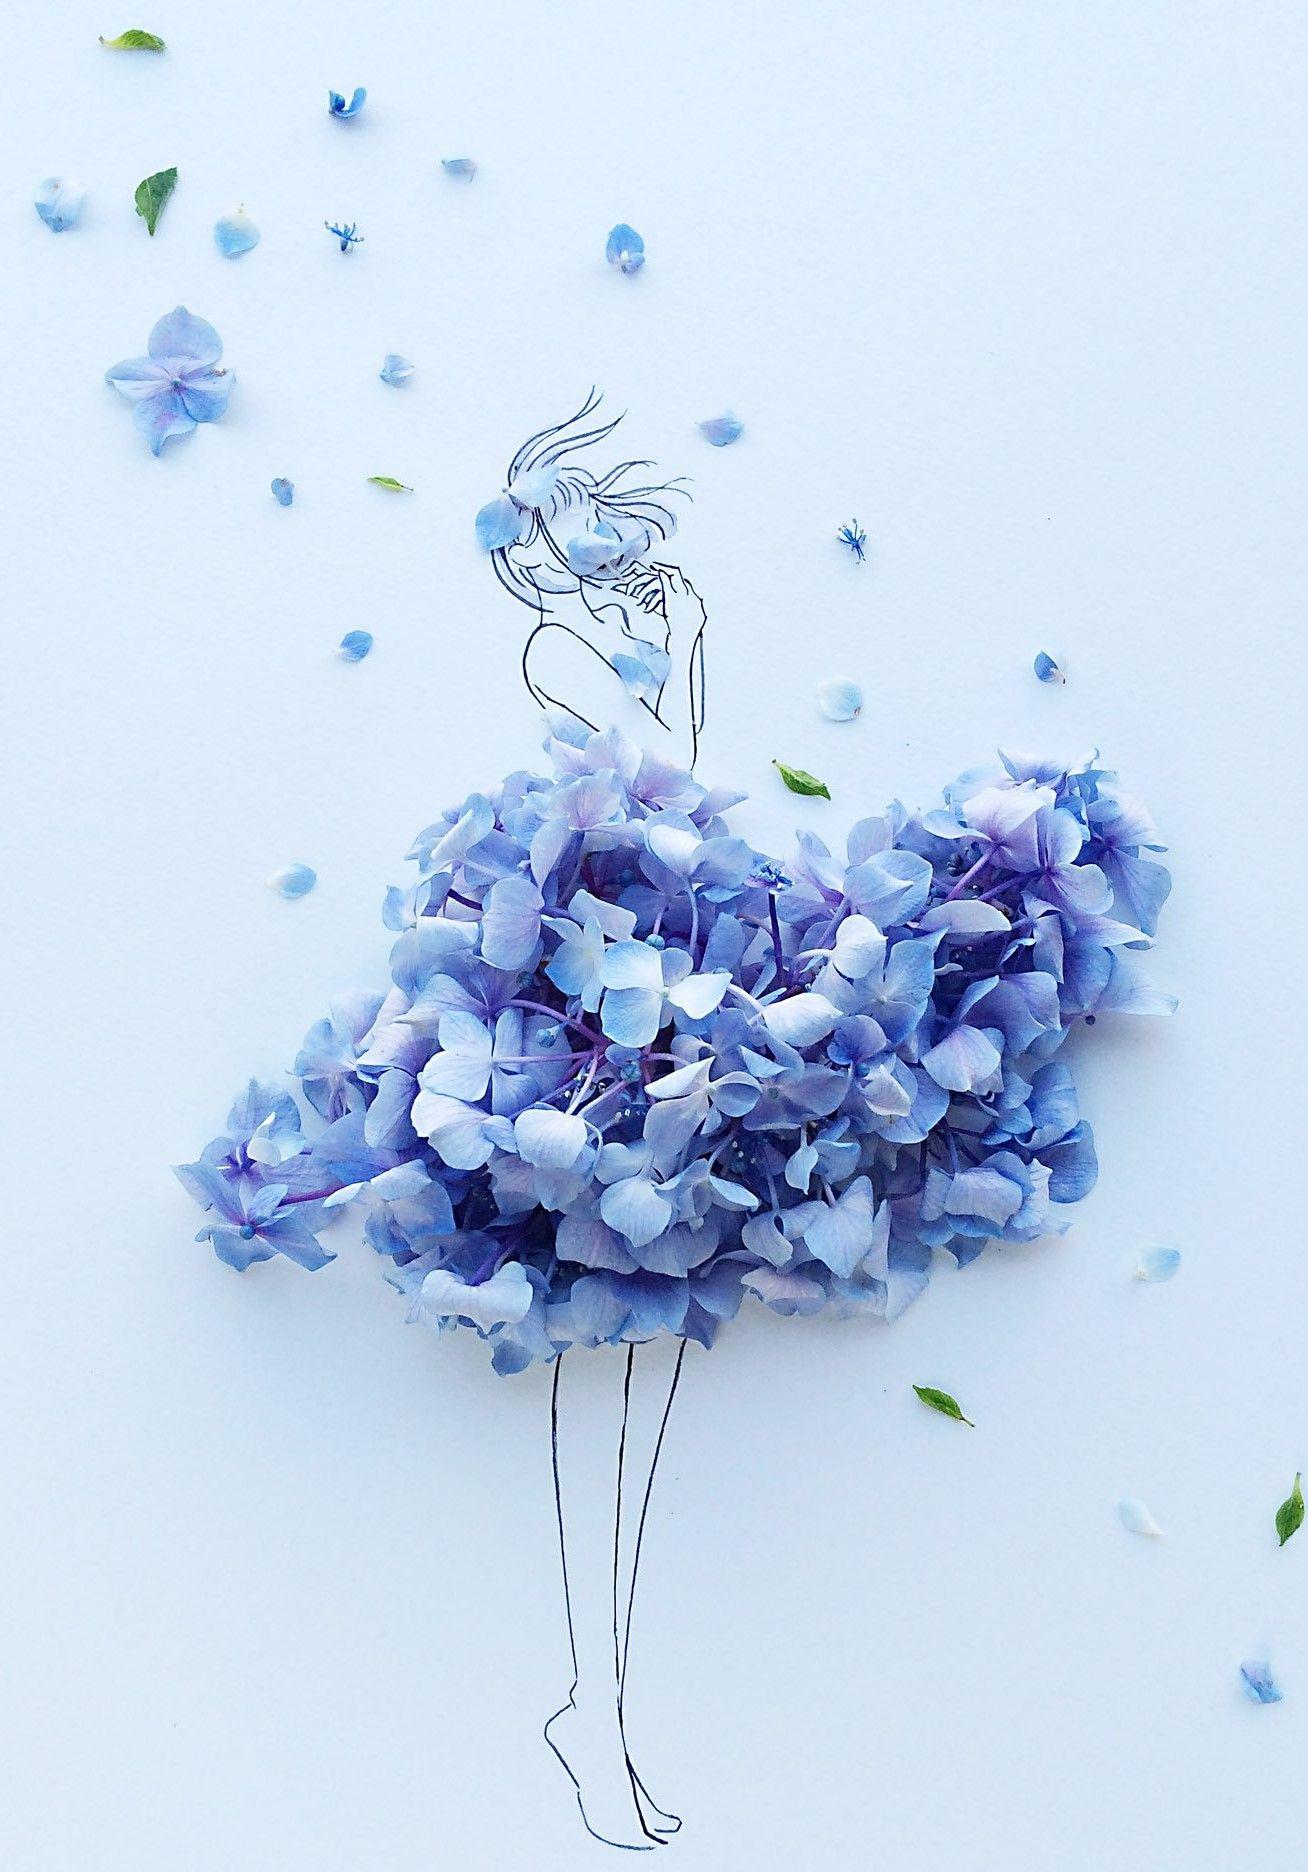 Photos おしゃれまとめの人気アイデア Pinterest Sylvianne フラワーアート 誕生日のお祝いの画像 花 壁紙